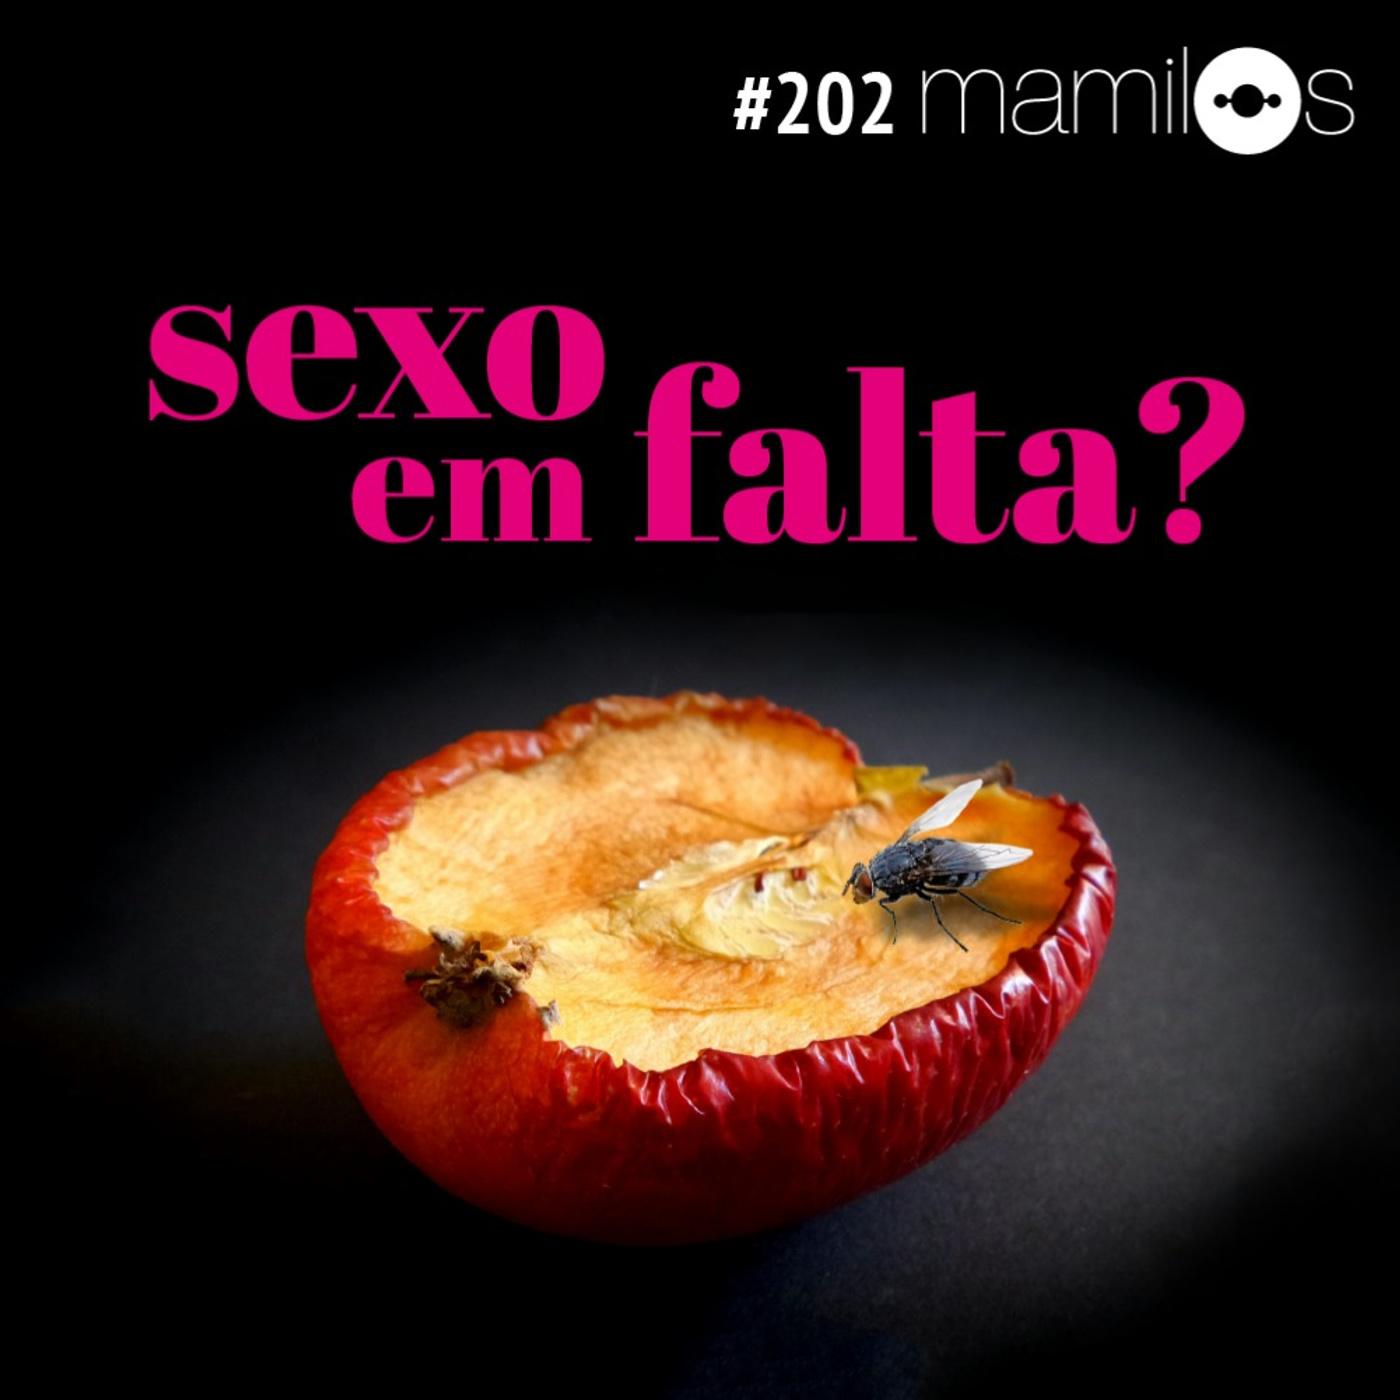 Sexo em Falta?